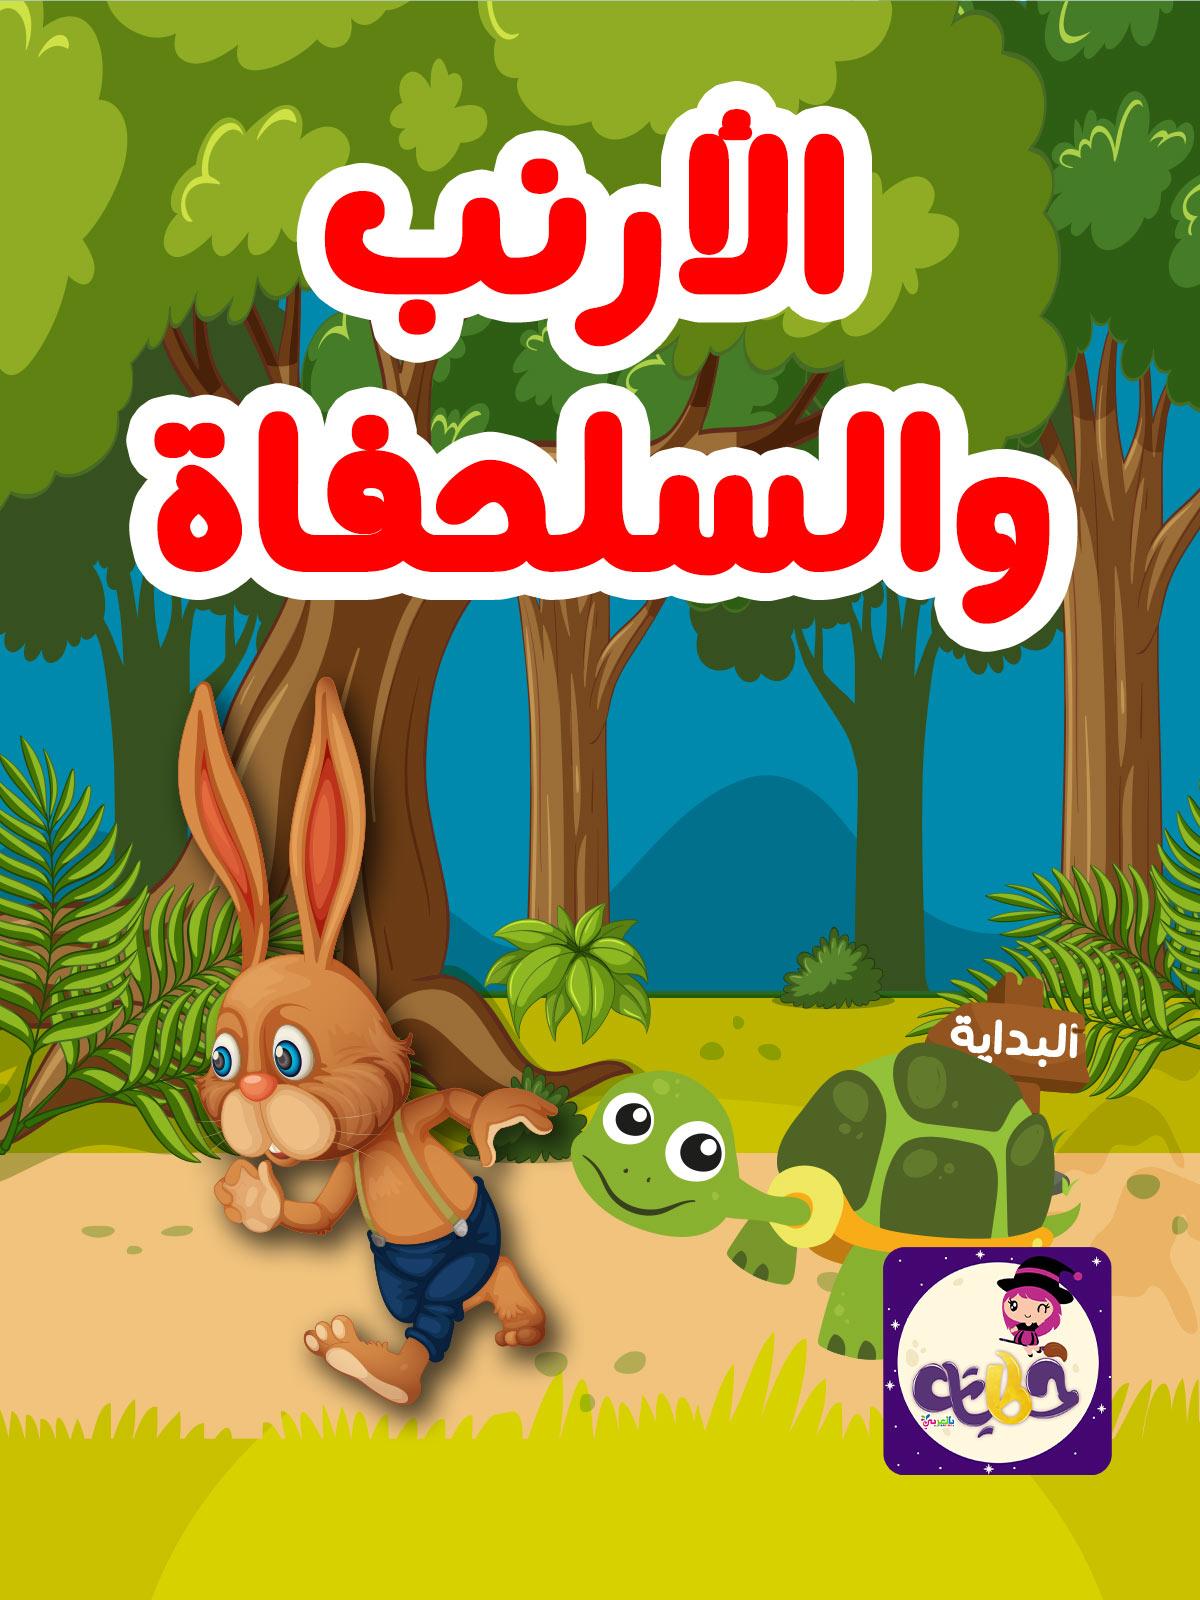 كتاب anatomy بالعربي pdf